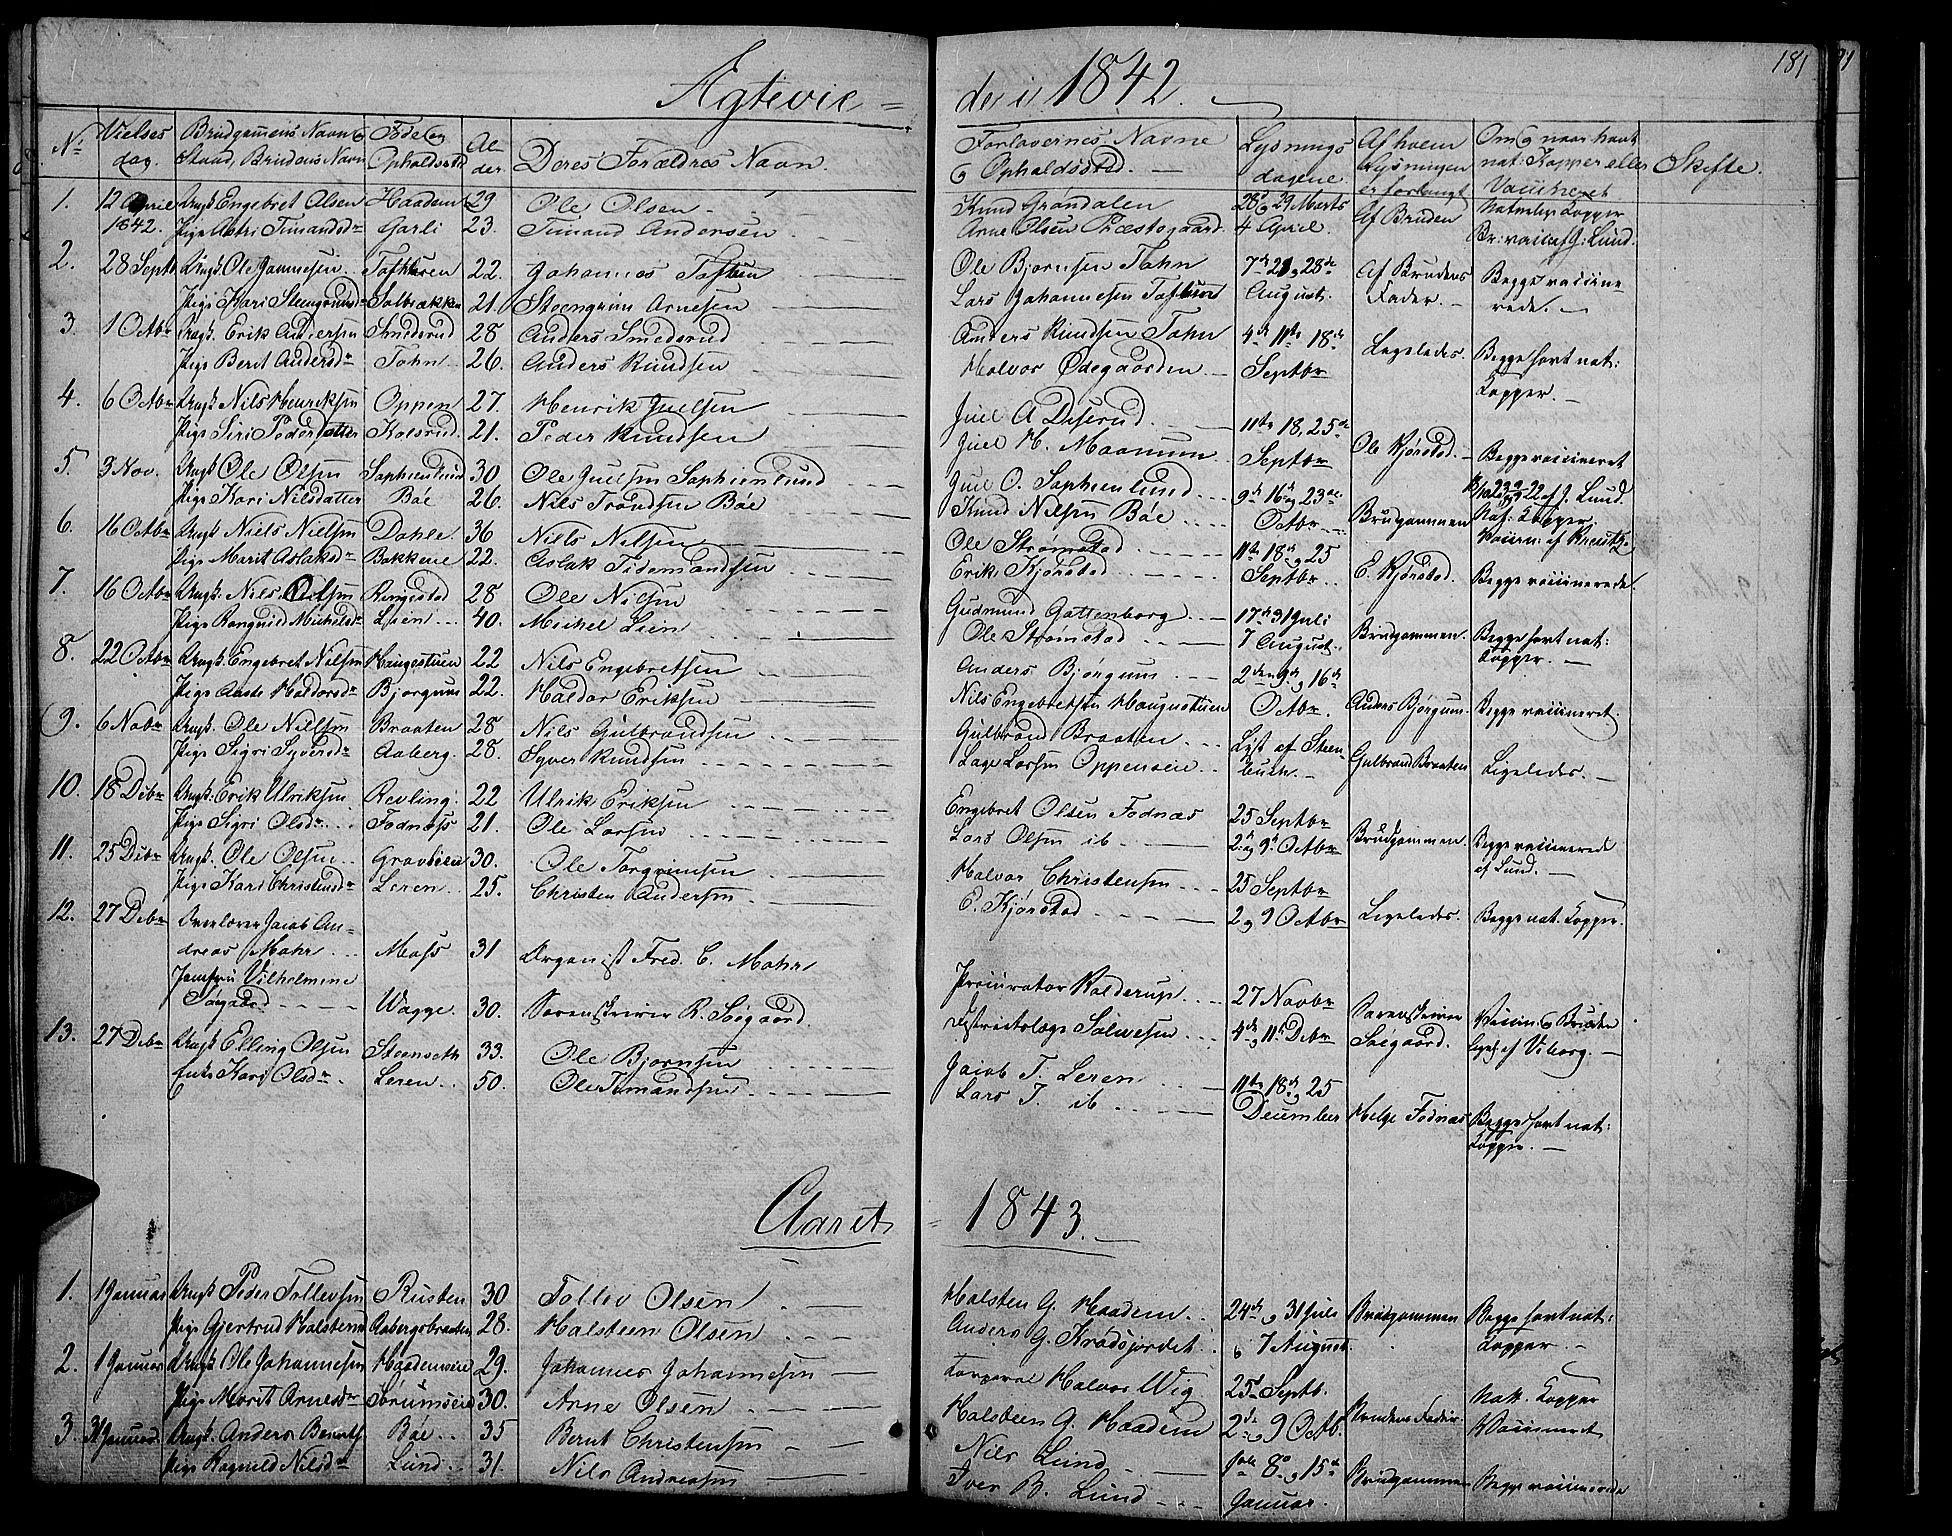 SAH, Nord-Aurdal prestekontor, Klokkerbok nr. 2, 1842-1877, s. 181